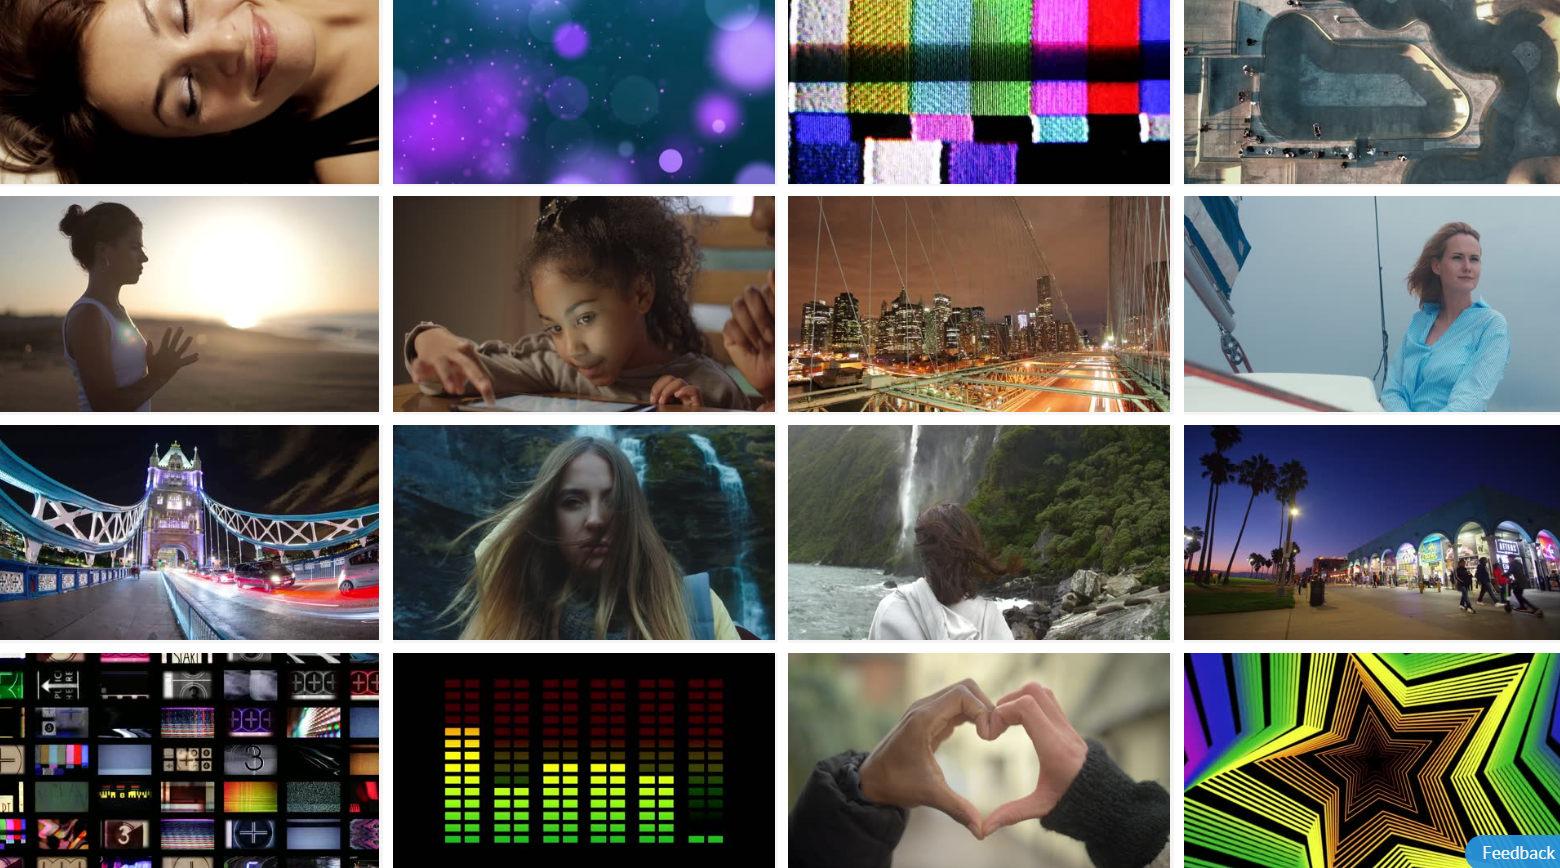 موقع لتحميل مكتبه فيديو مجانيه للمونتاج اقوى 10 مواقع لتحميل فيديوهات مجانيه للمونتاج